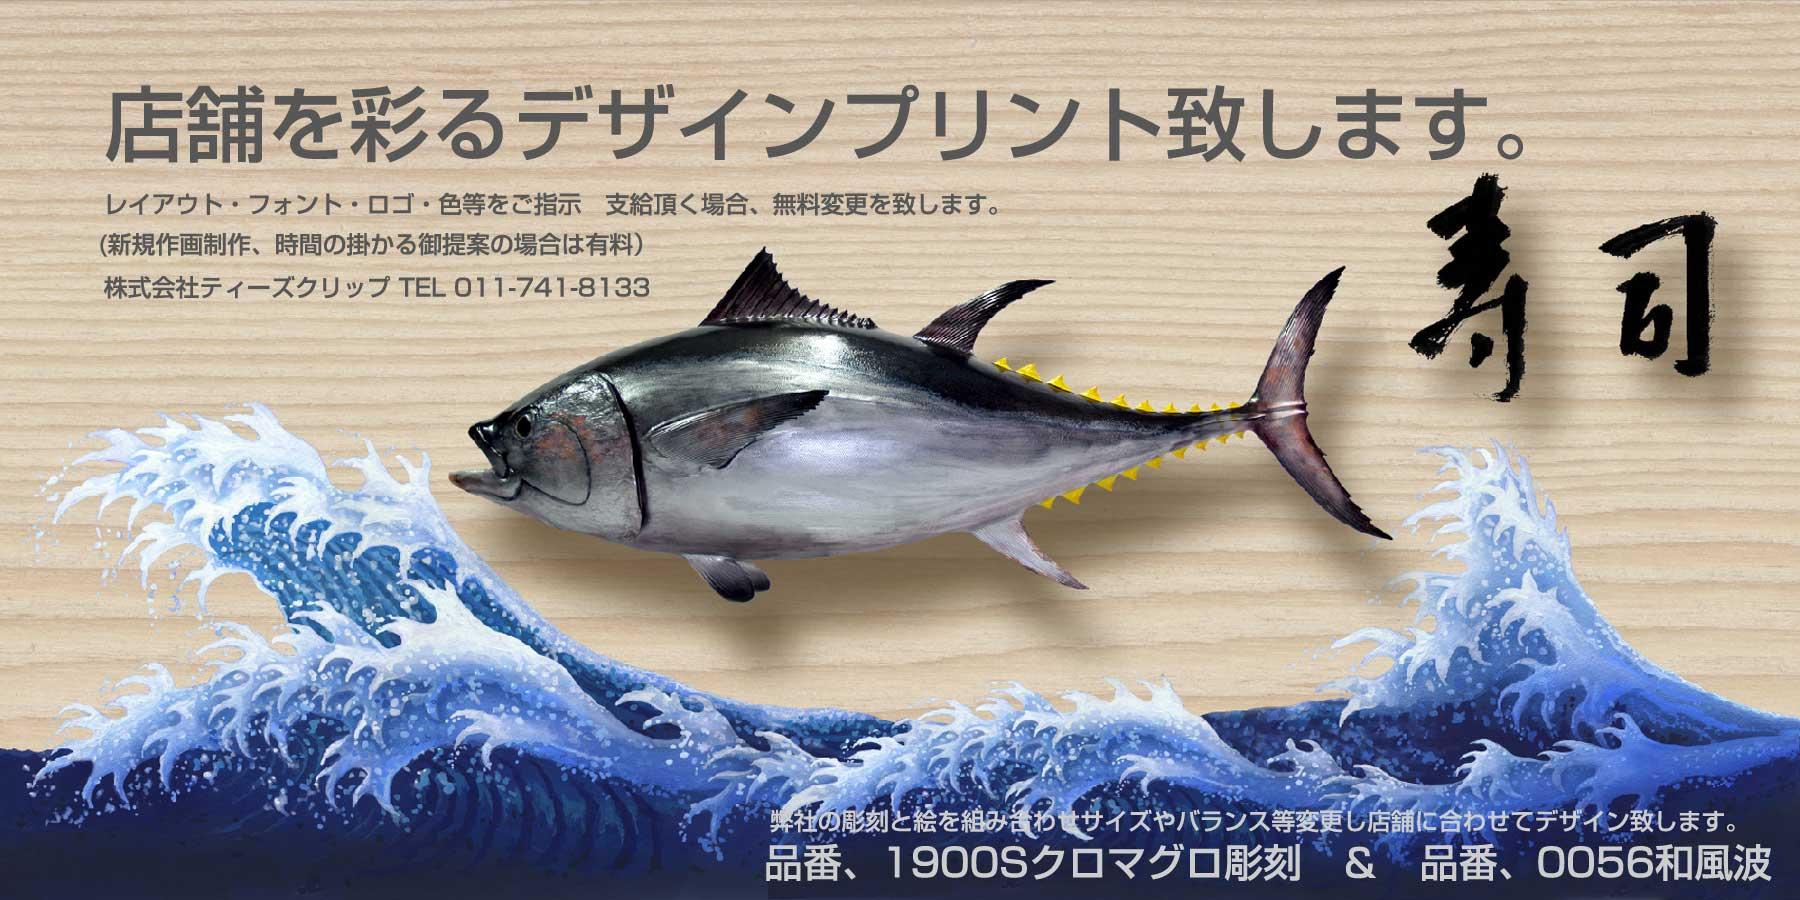 寿司店舗を彩り人目と話題を 壁紙デザインプリントシート 株式会社